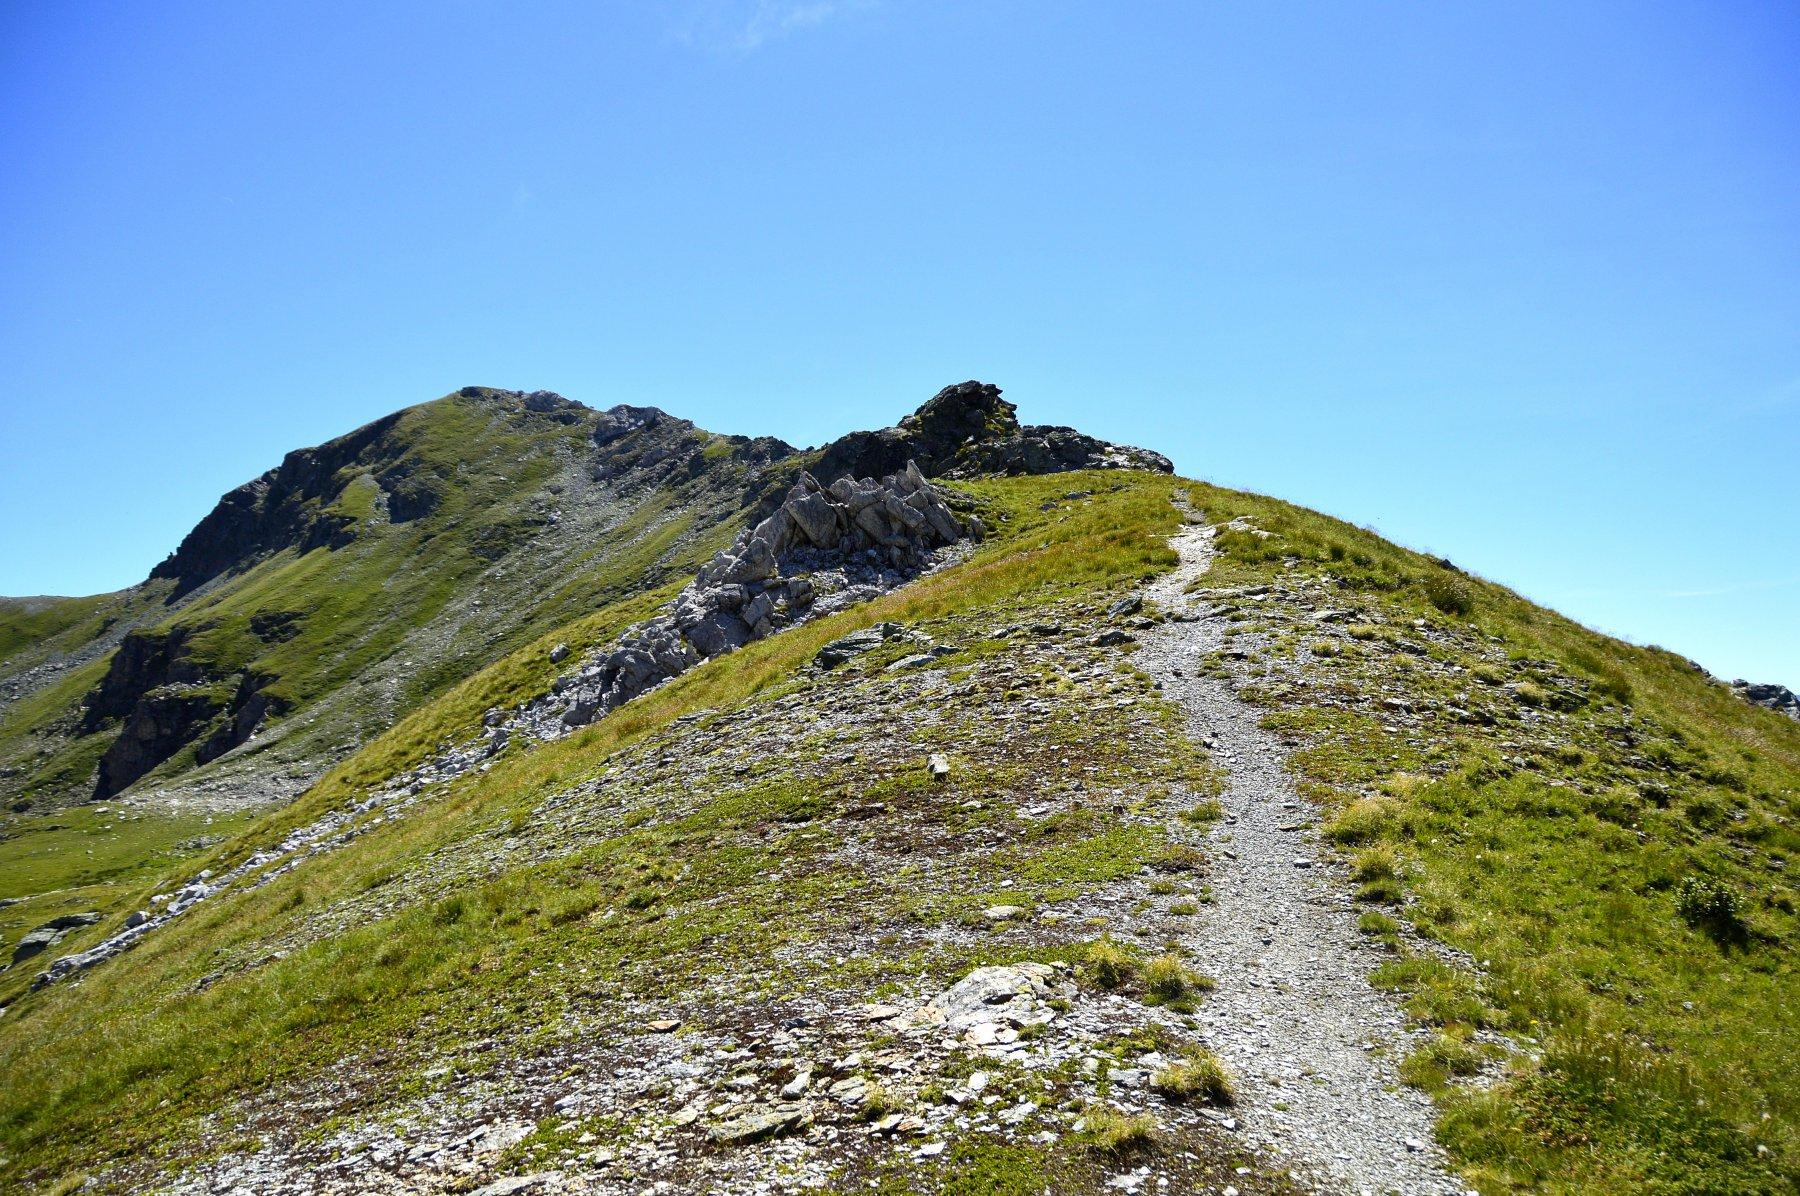 Verso la cima, sentiero 11d